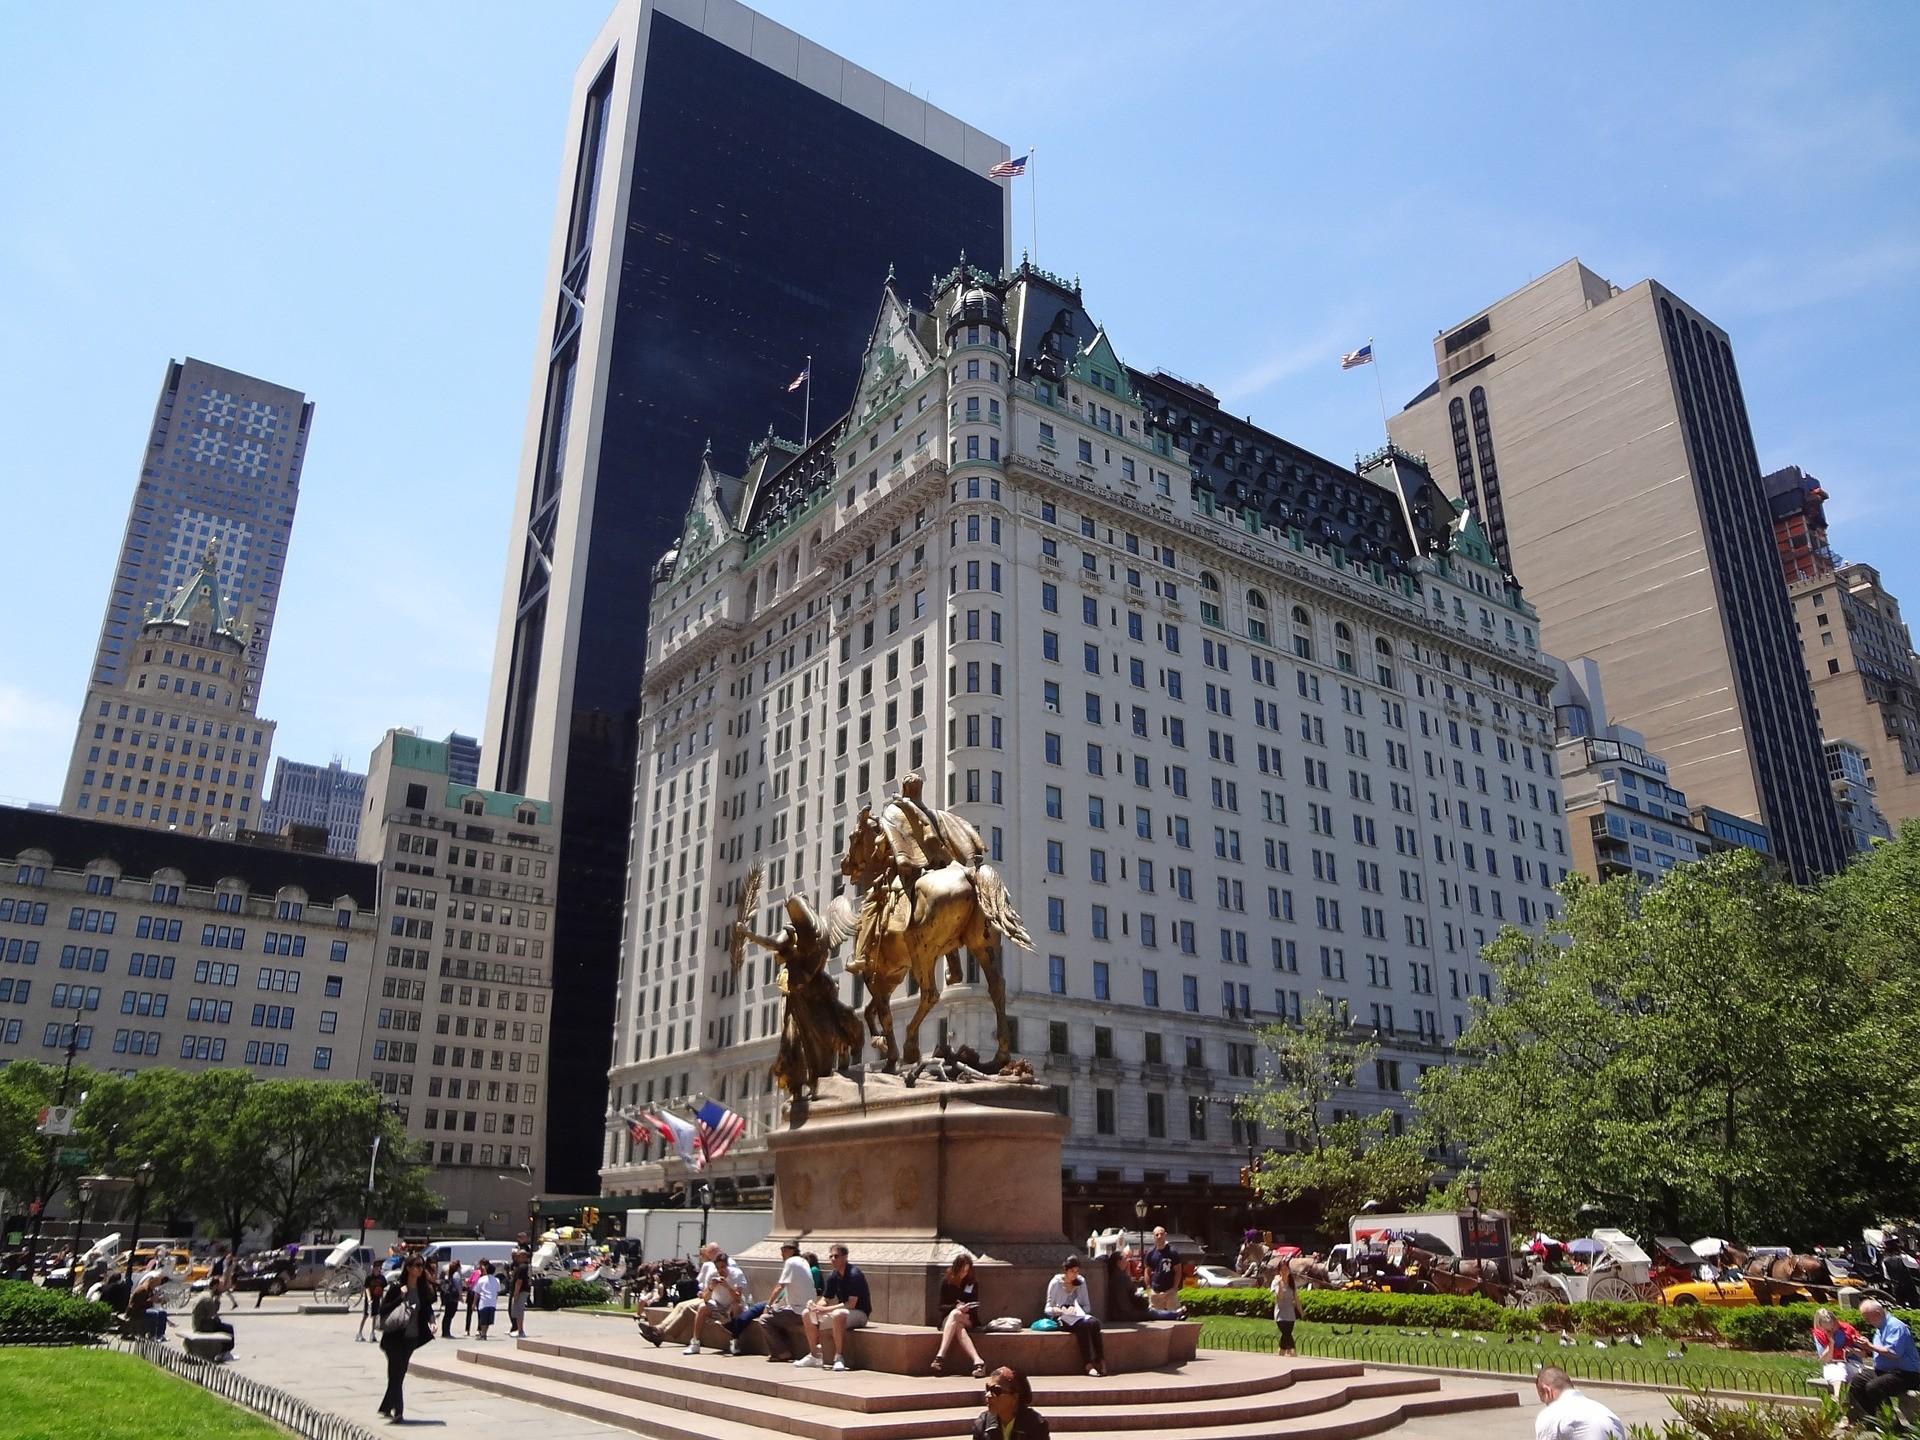 Dormire a New York - Foto di Zopalic